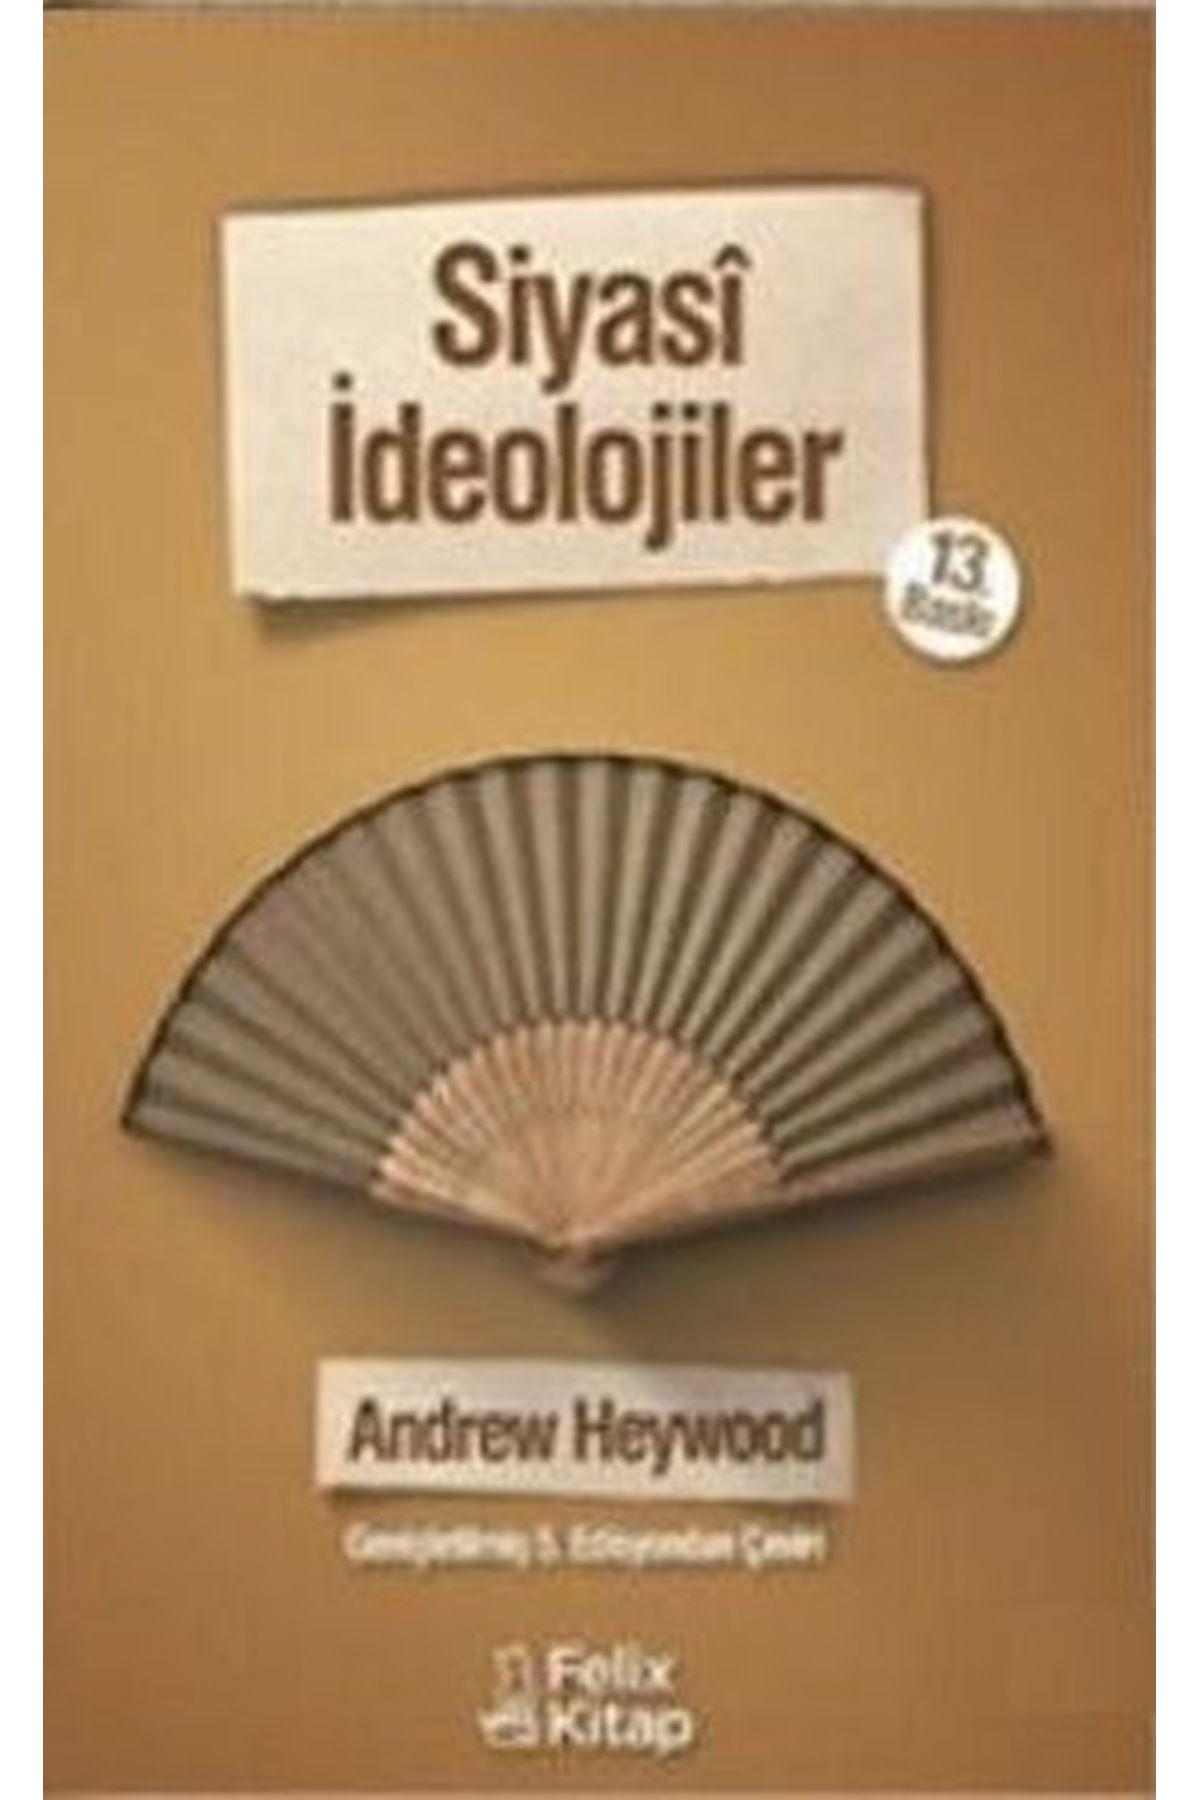 ANDREW HEYWOOD - SİYASİ İDEOLOJİLER